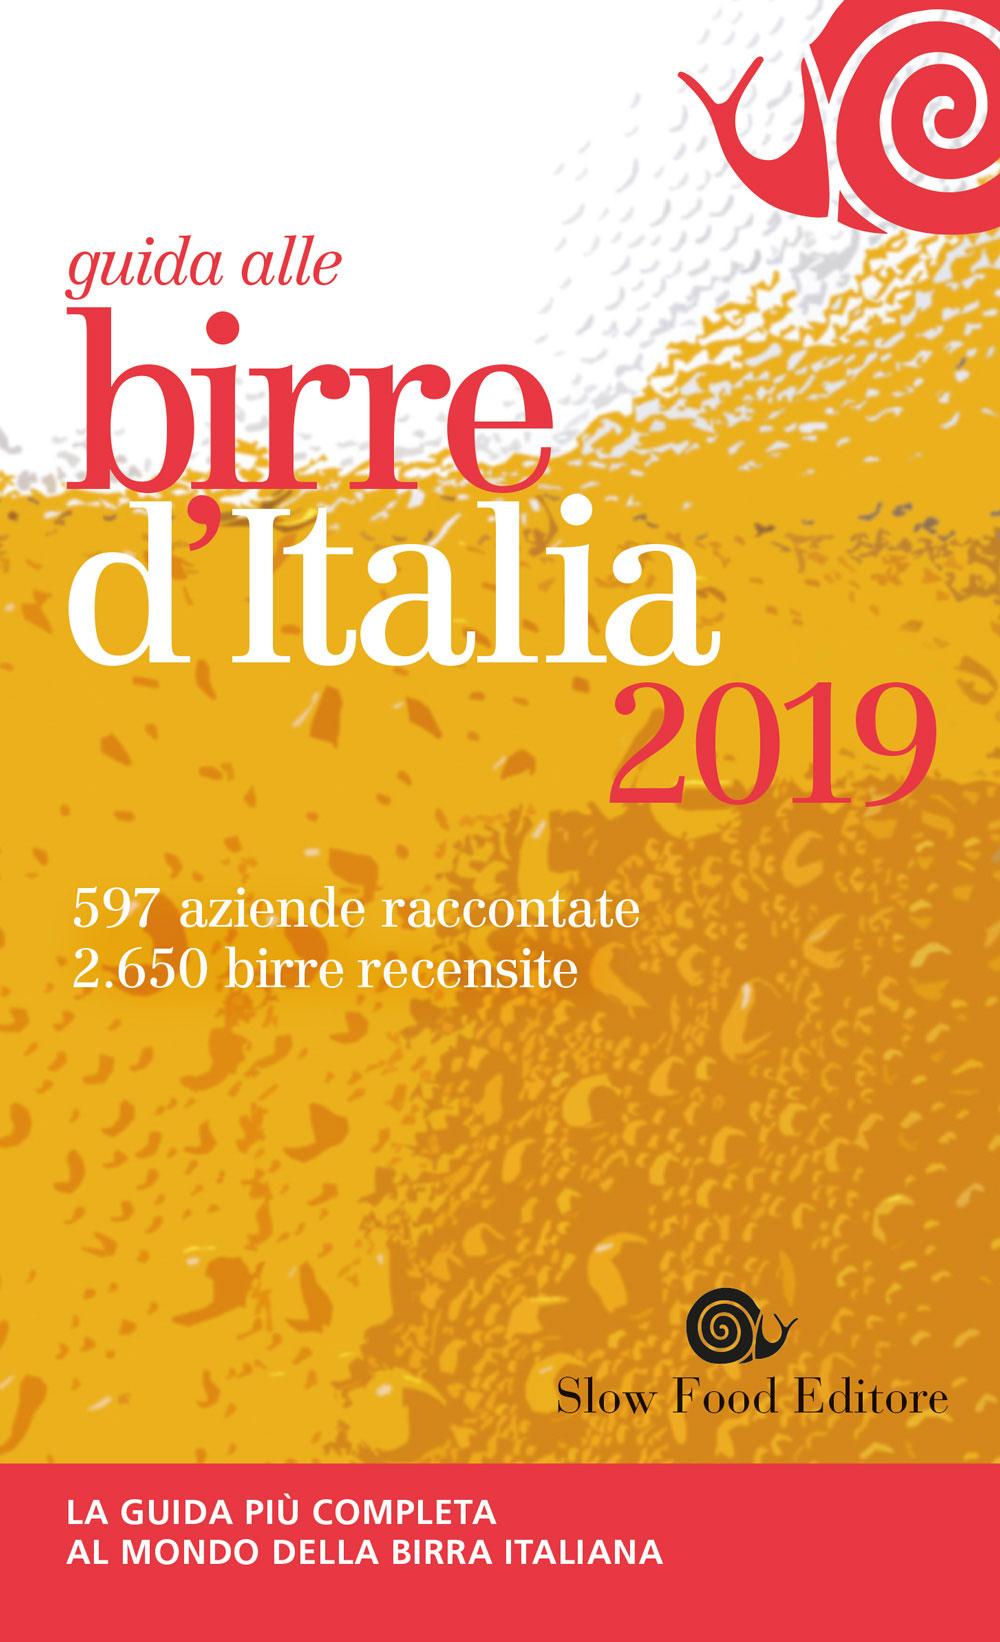 Guida alle birre d'Italia 2019